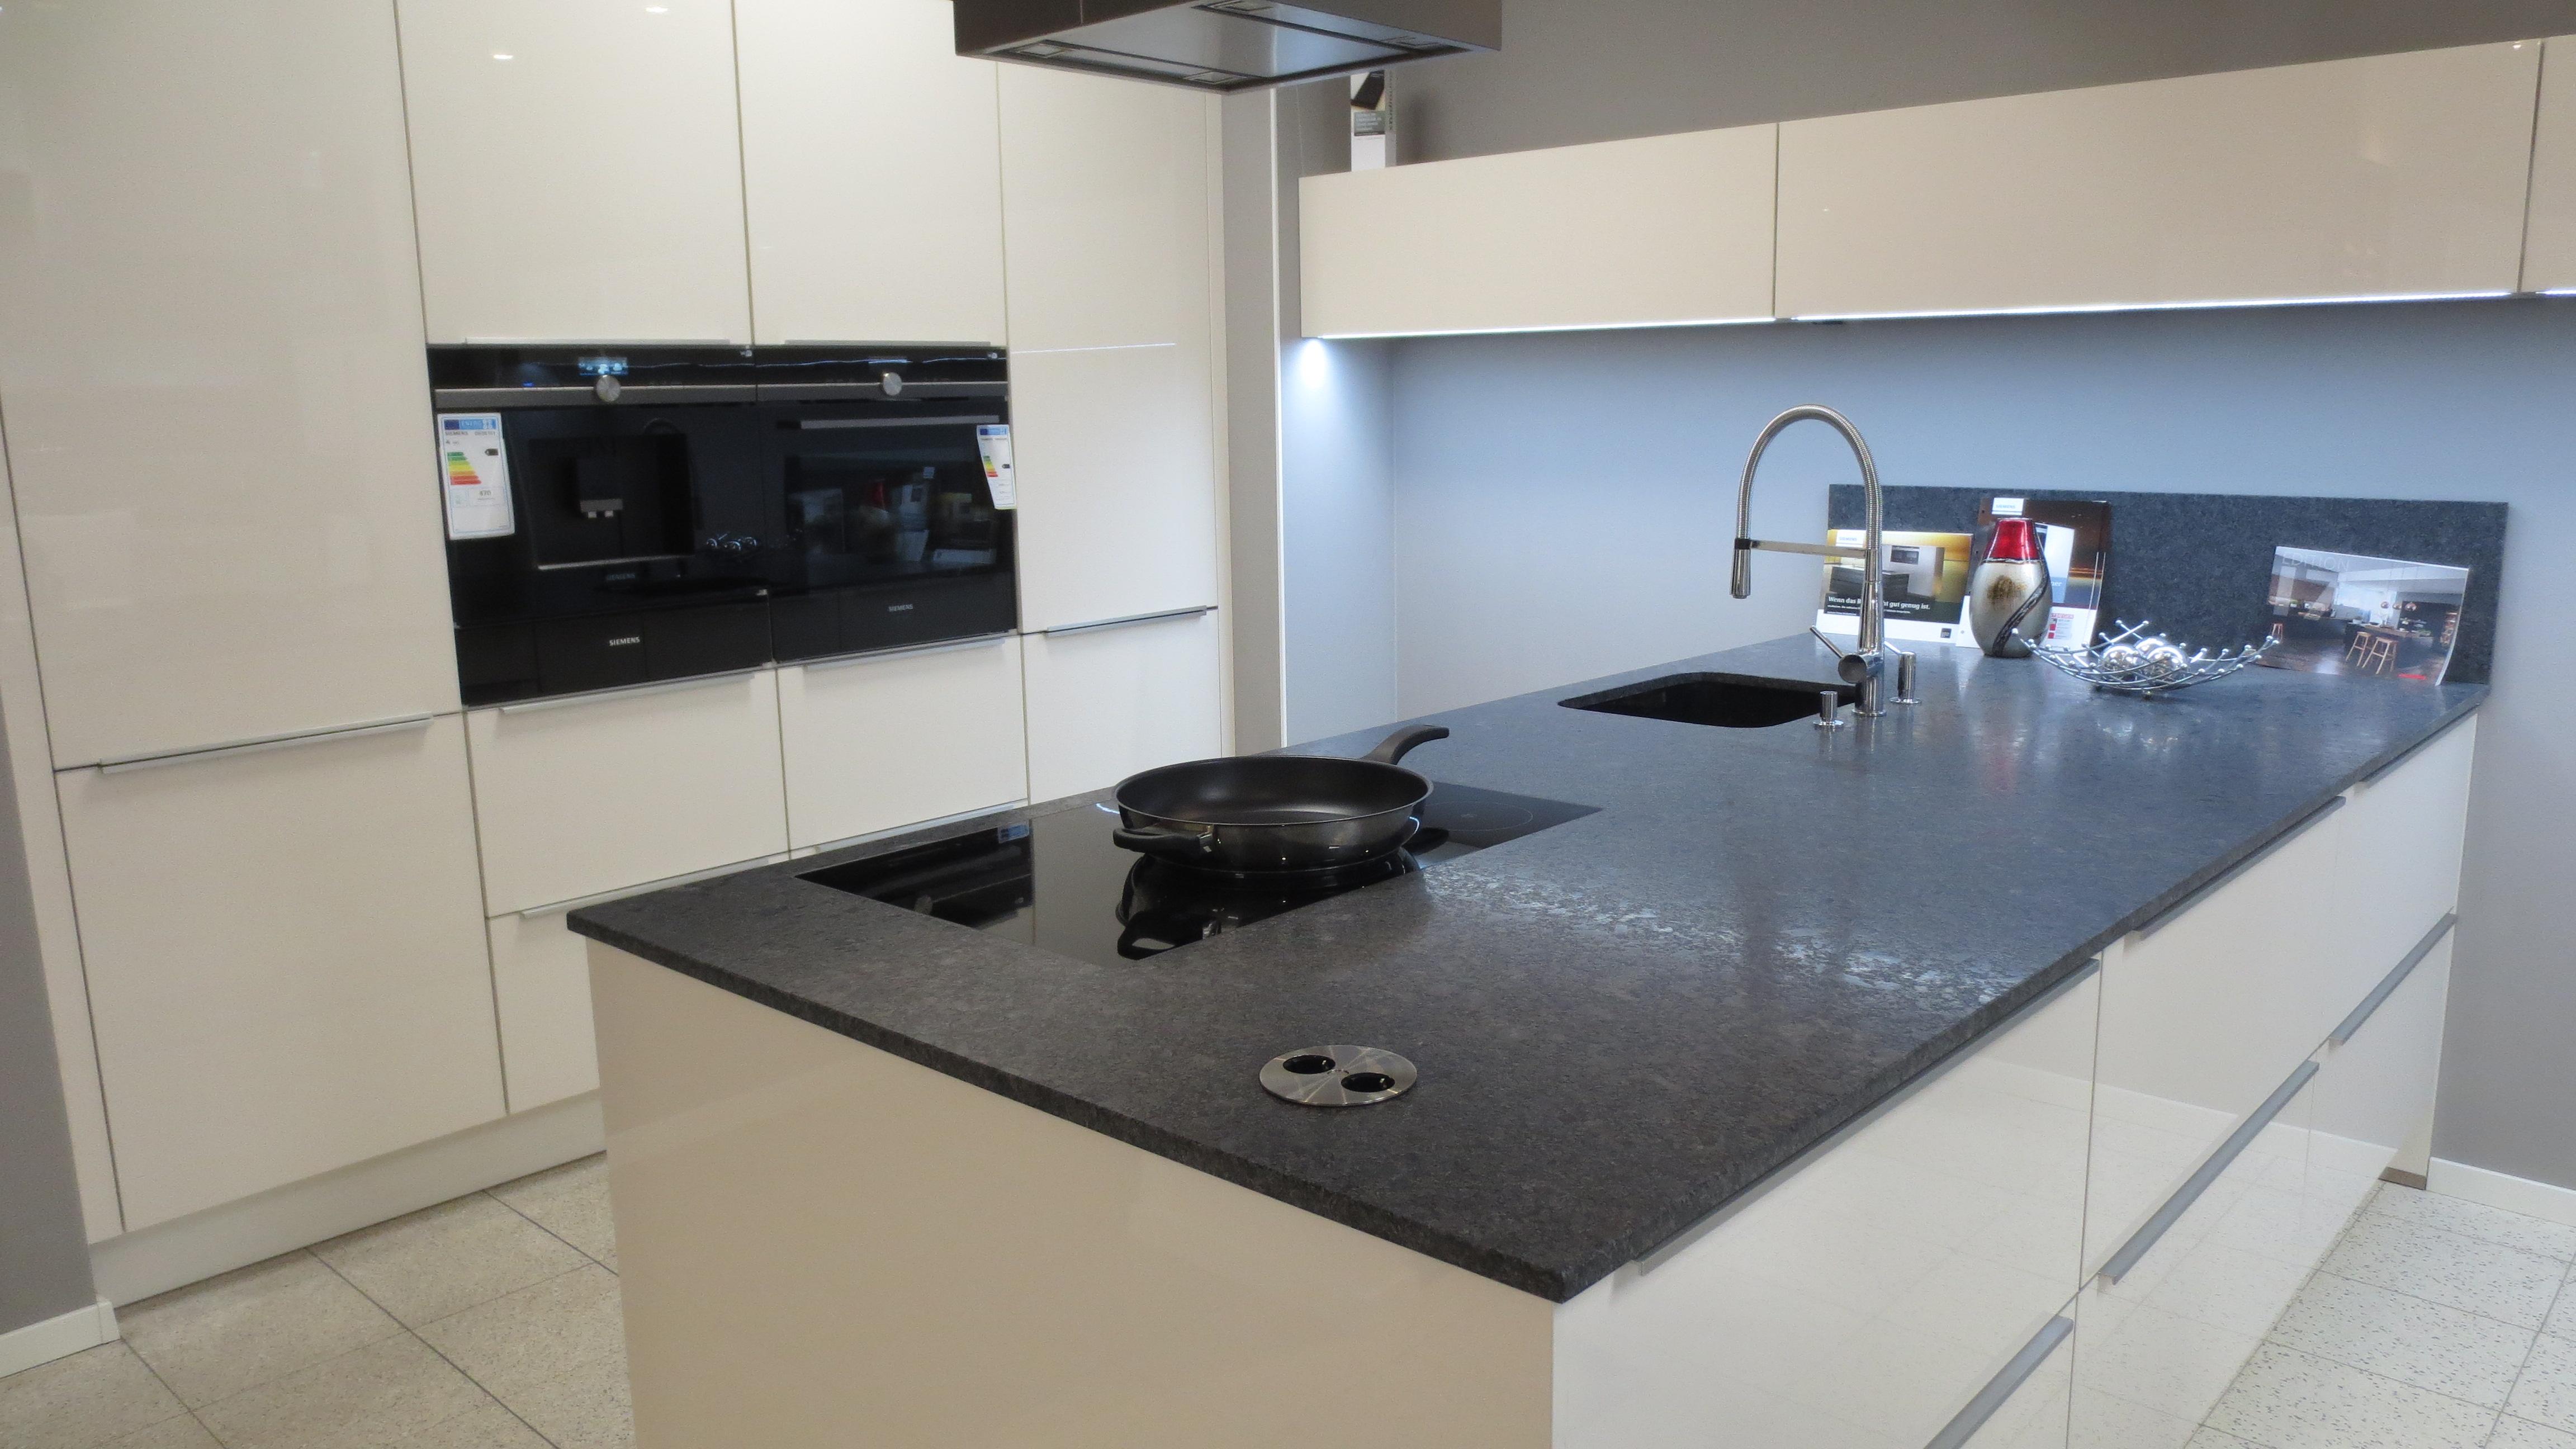 Küchenshop  K&B Küchenstudio | Küchen | Kirchplatz 2 | 44581 Castrop-Rauxel